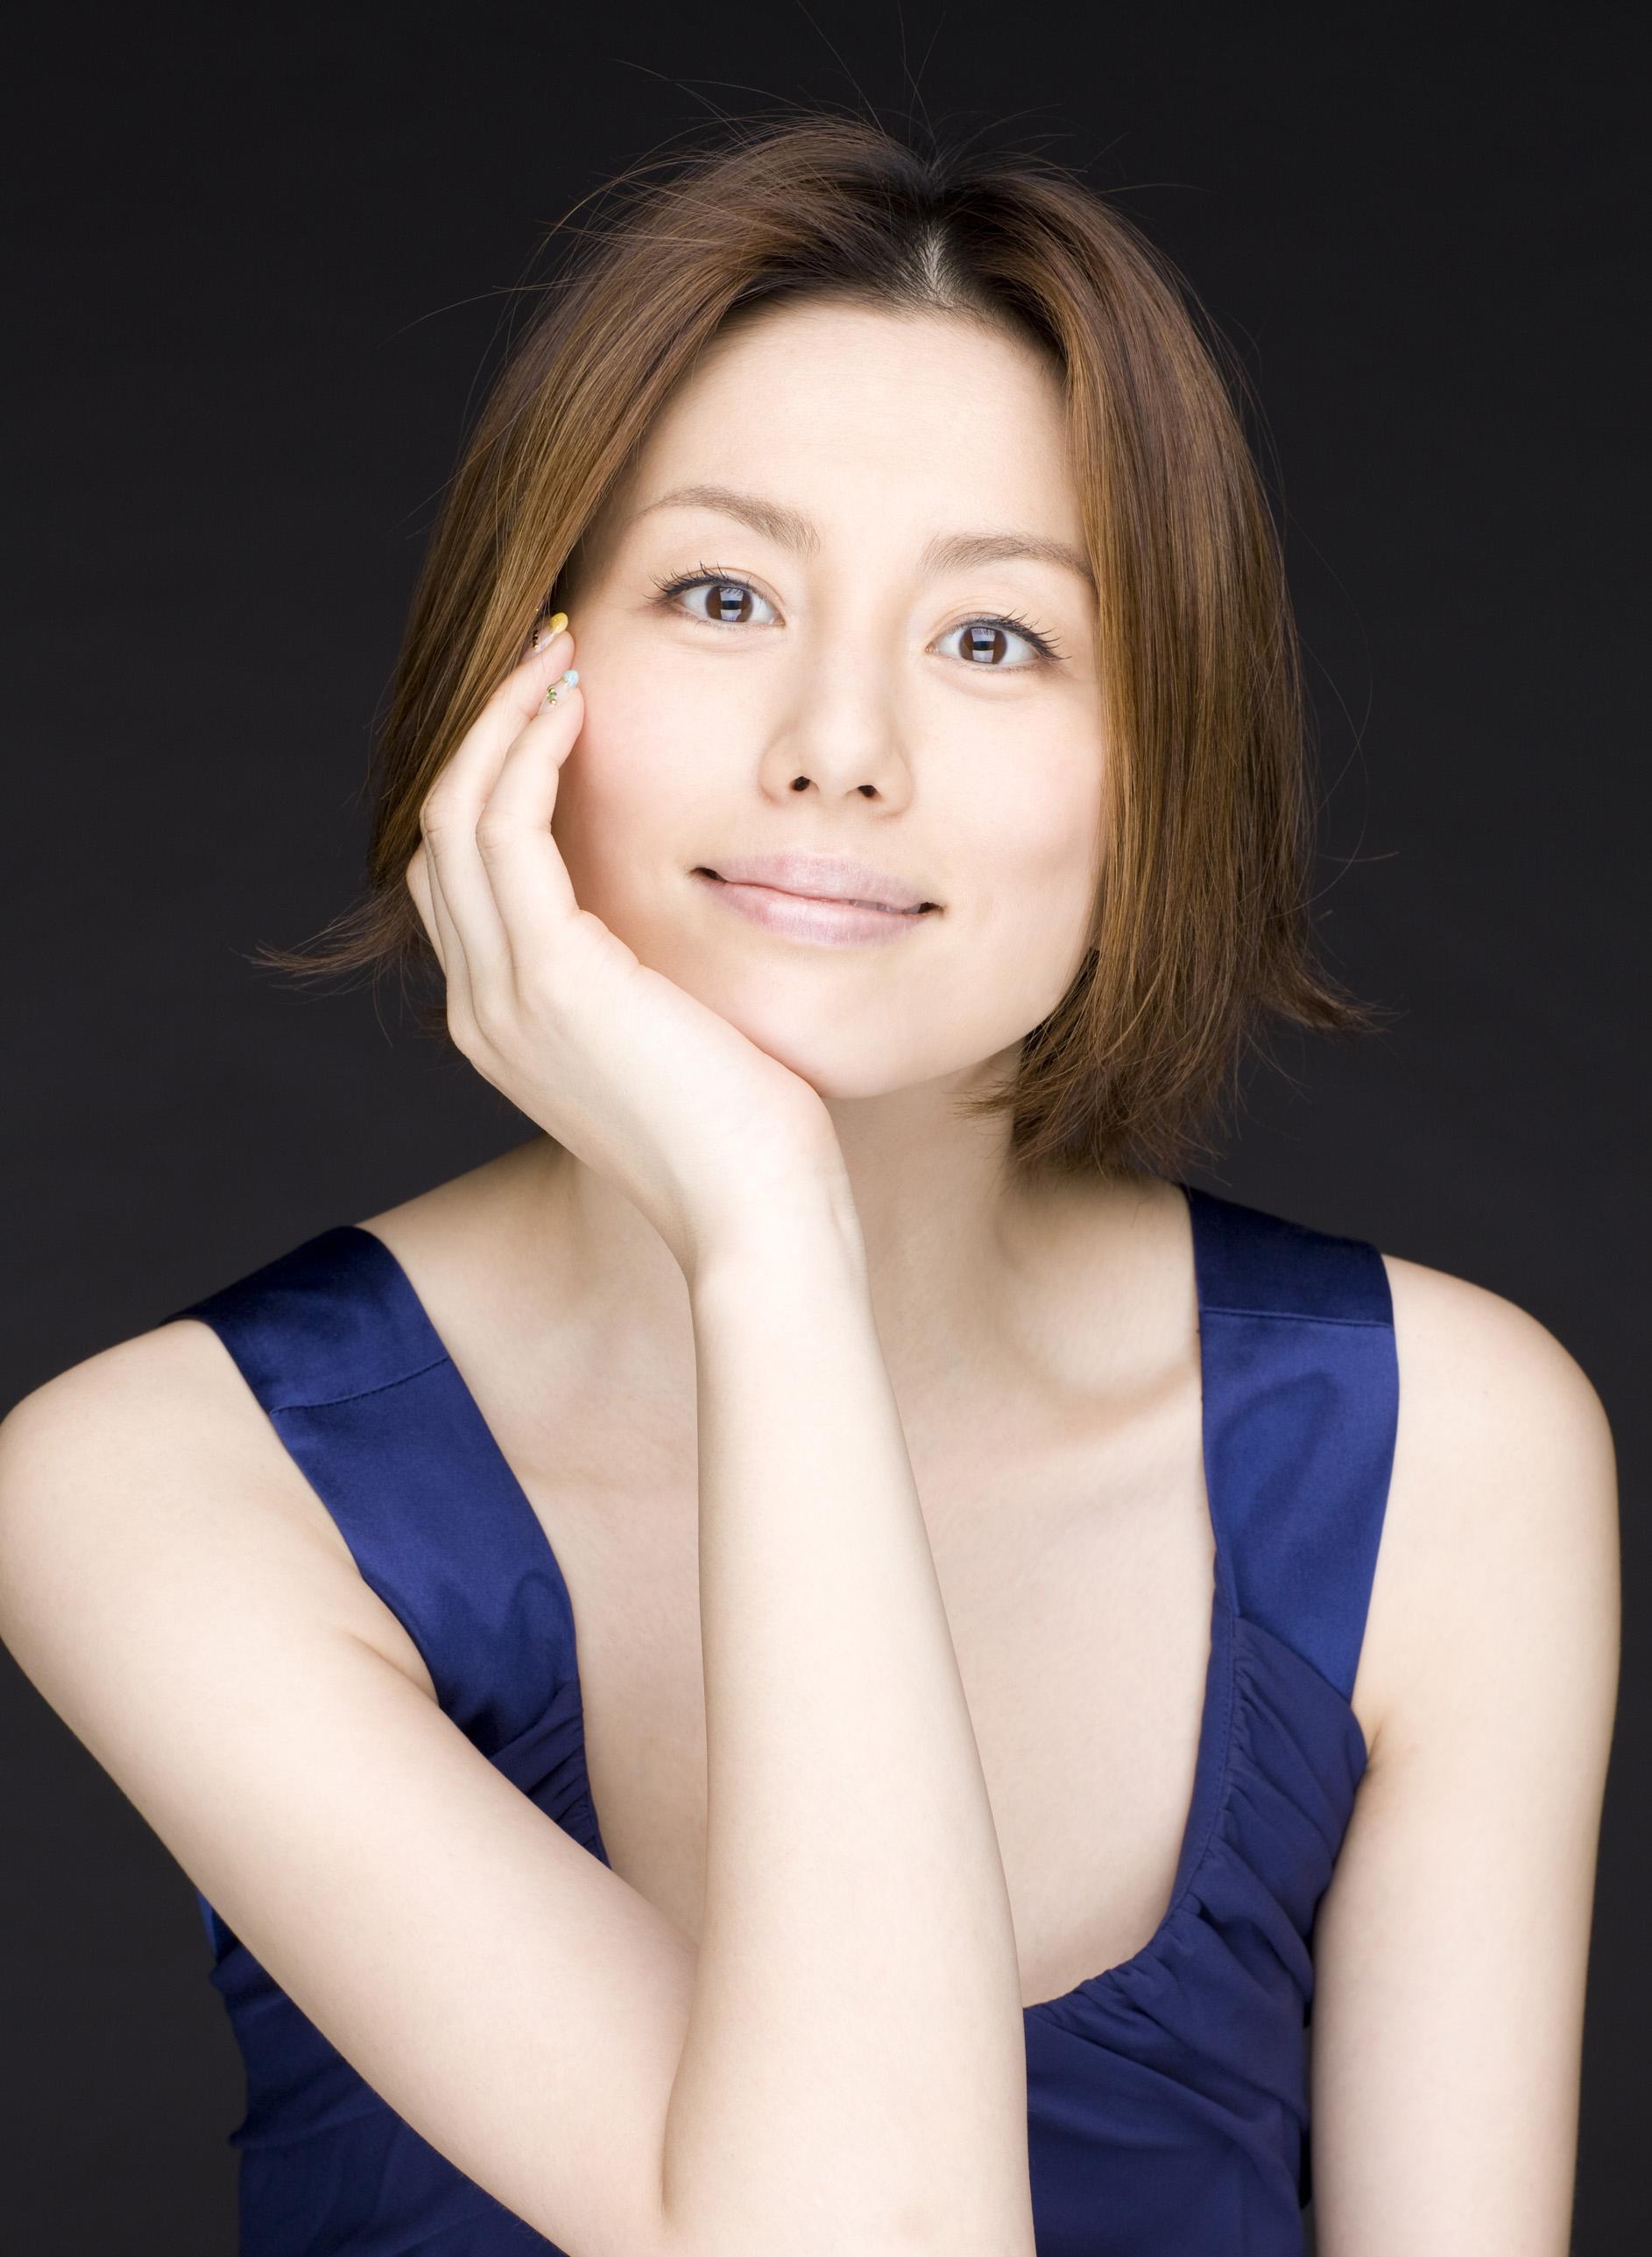 【画像あり】美脚すぎる!!米倉涼子さんの脚は綺麗と話題に!のサムネイル画像